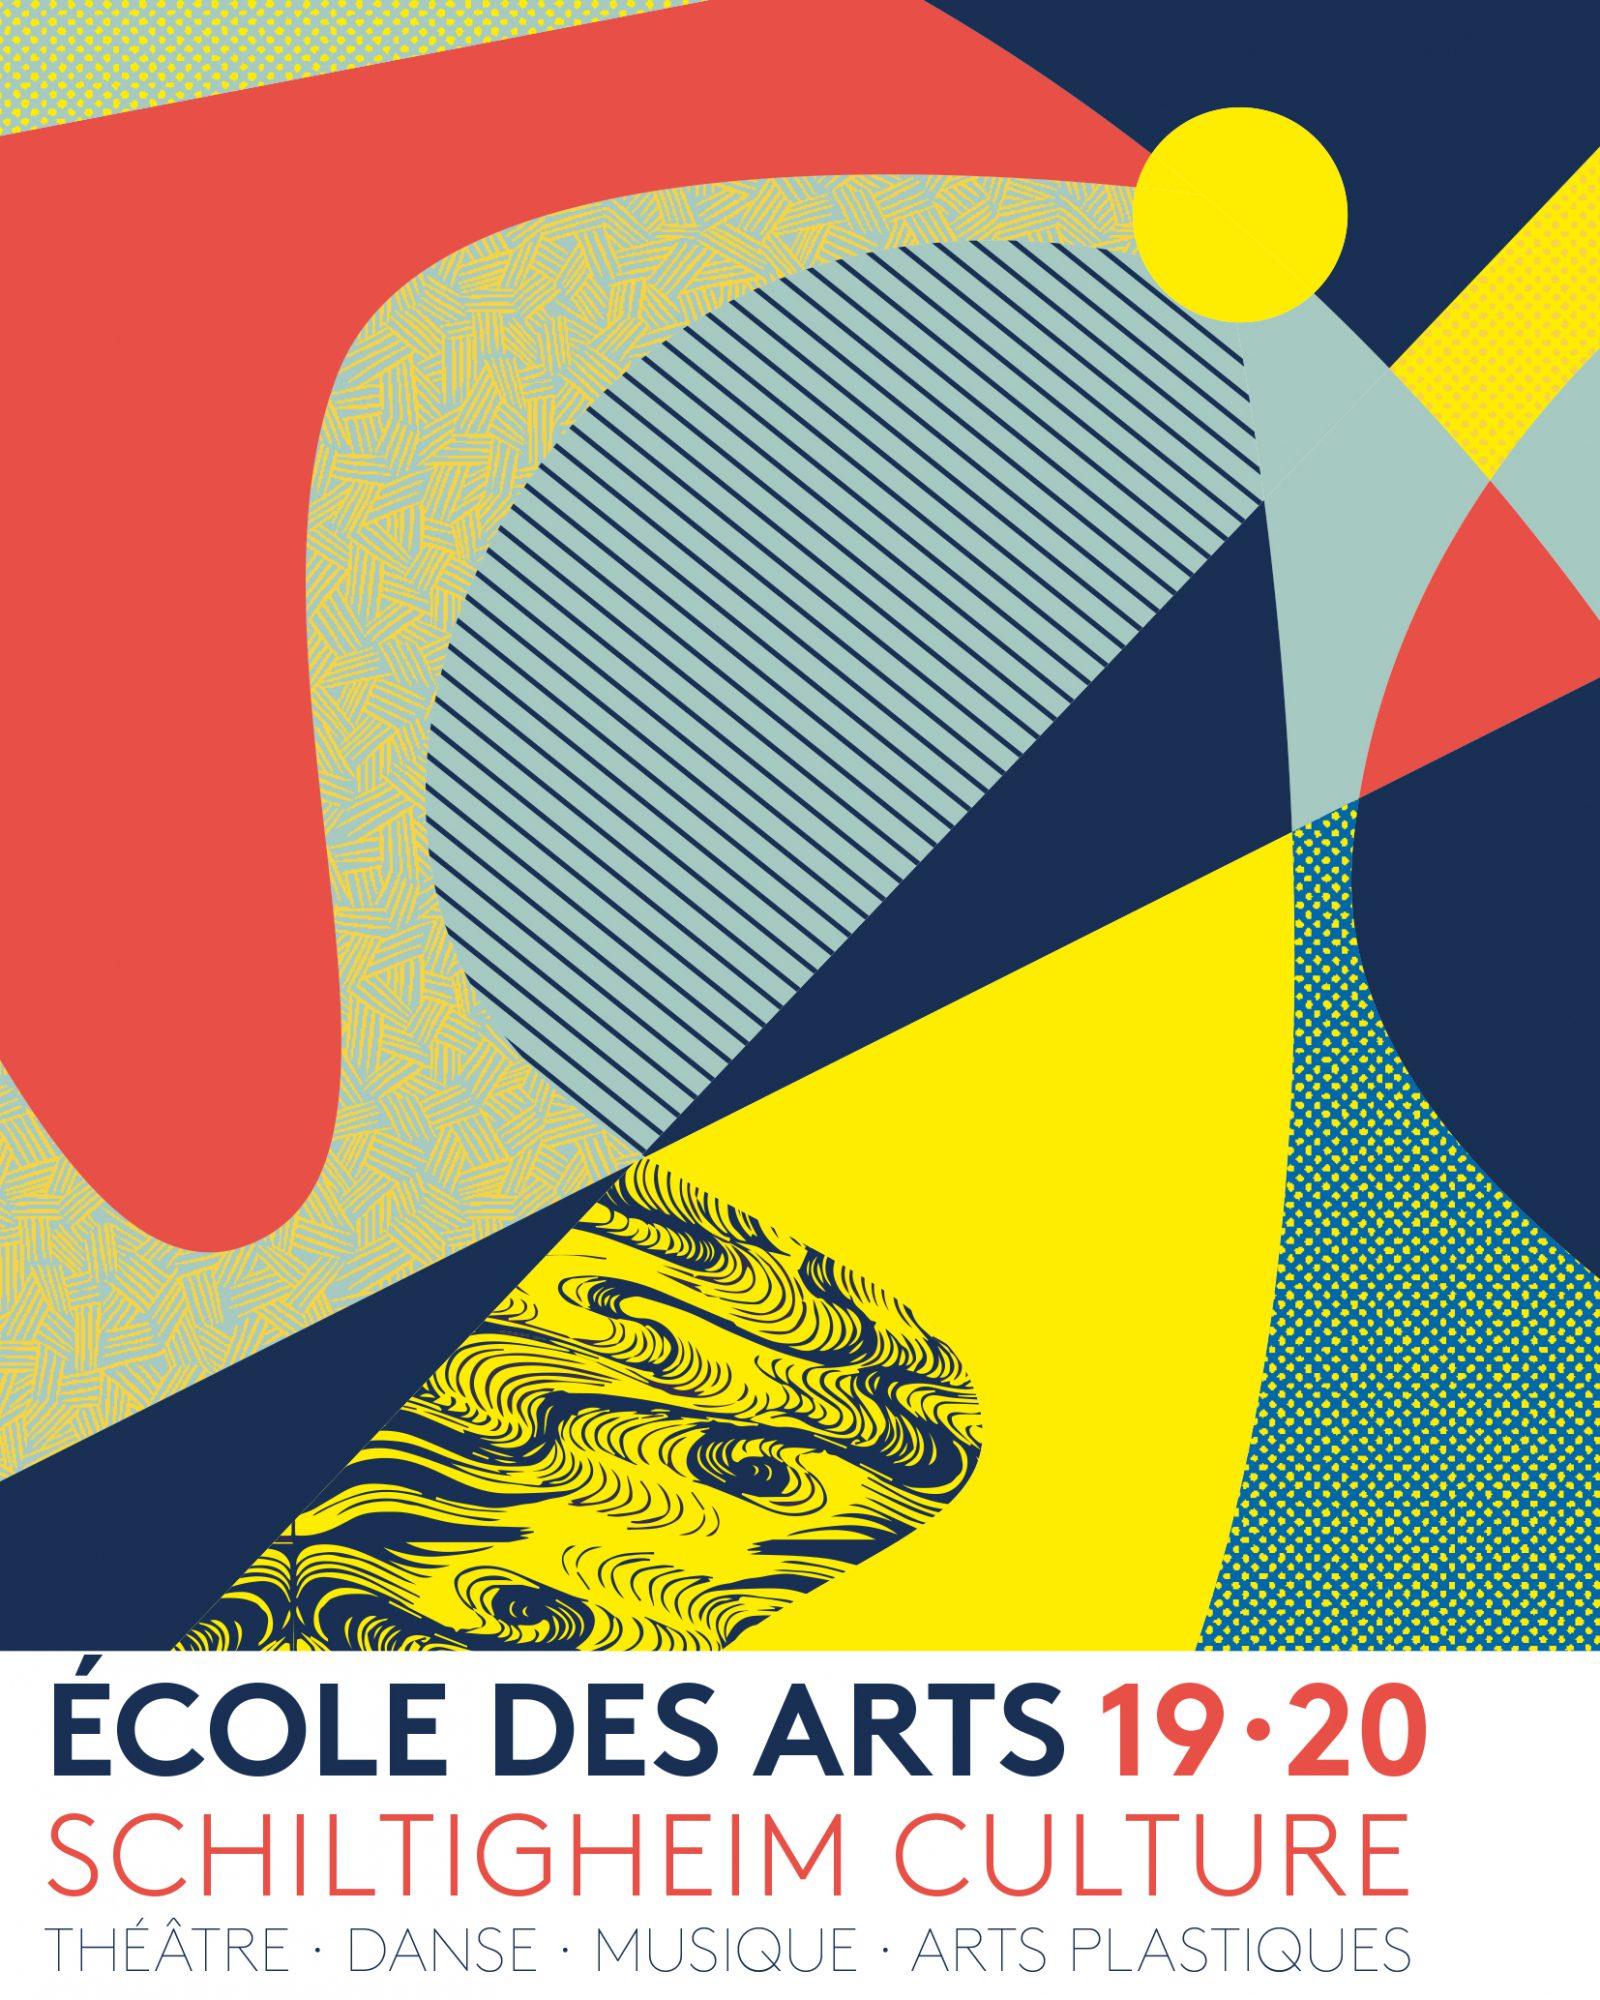 PROGRAMME ECOLE DES ARTS 19-20-1